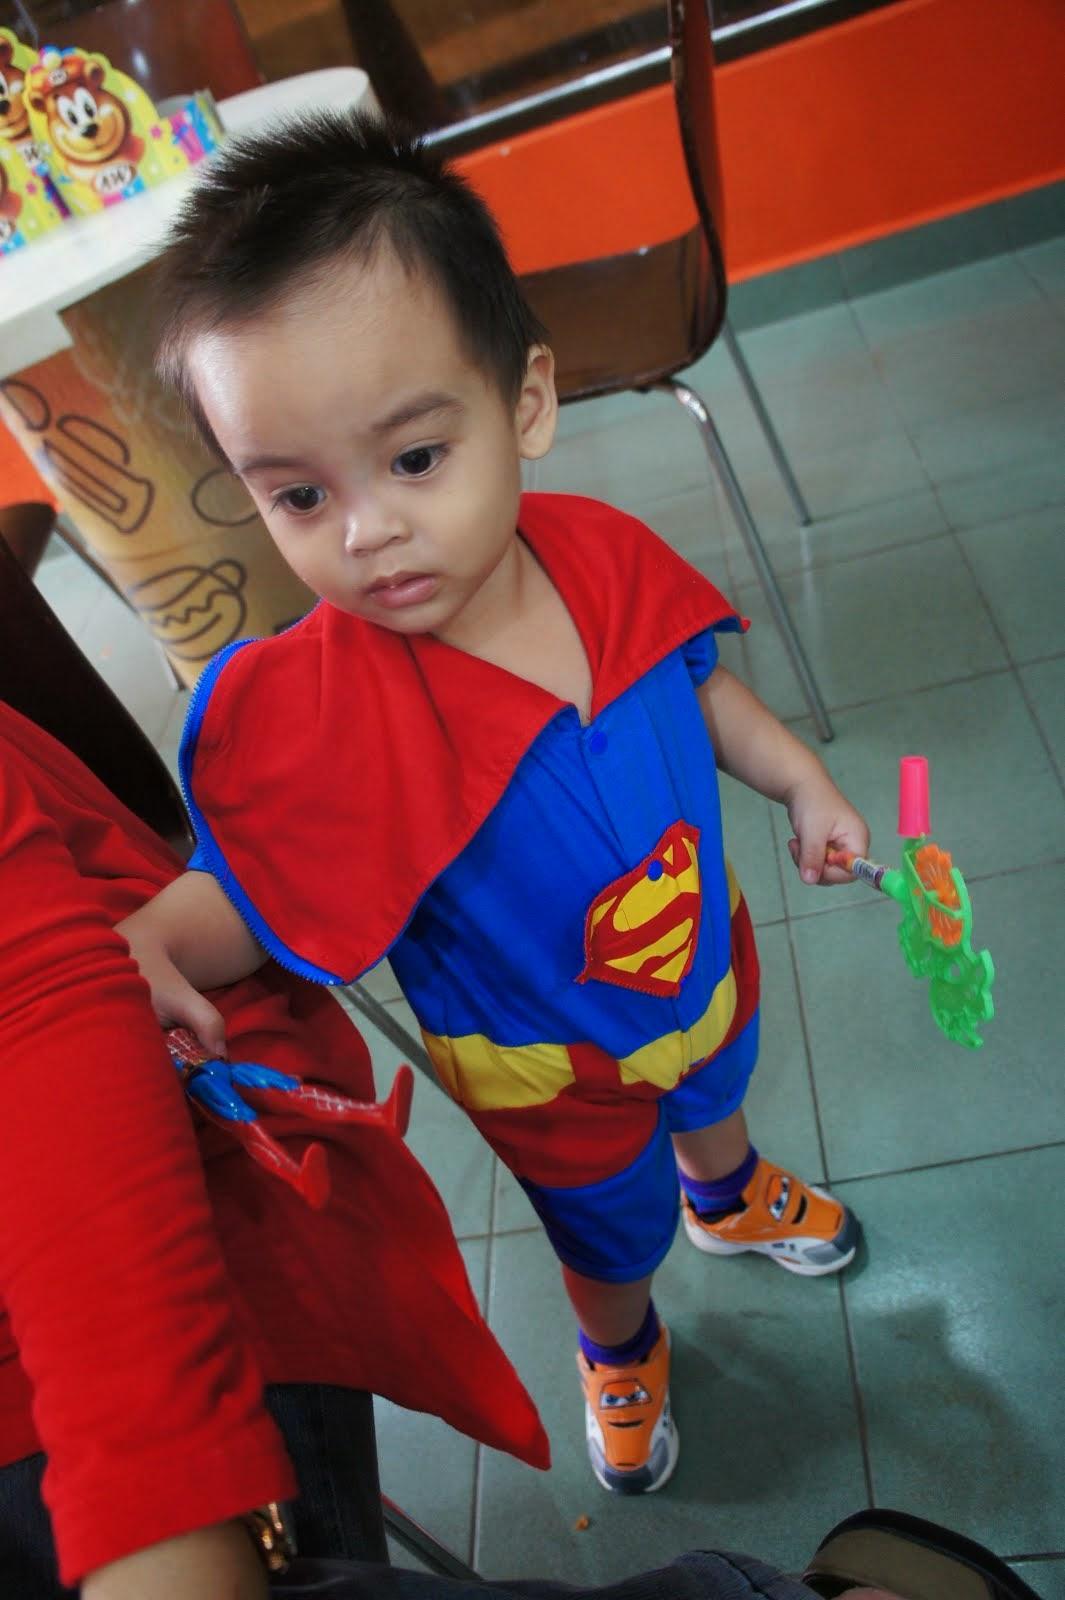 My Superboy!